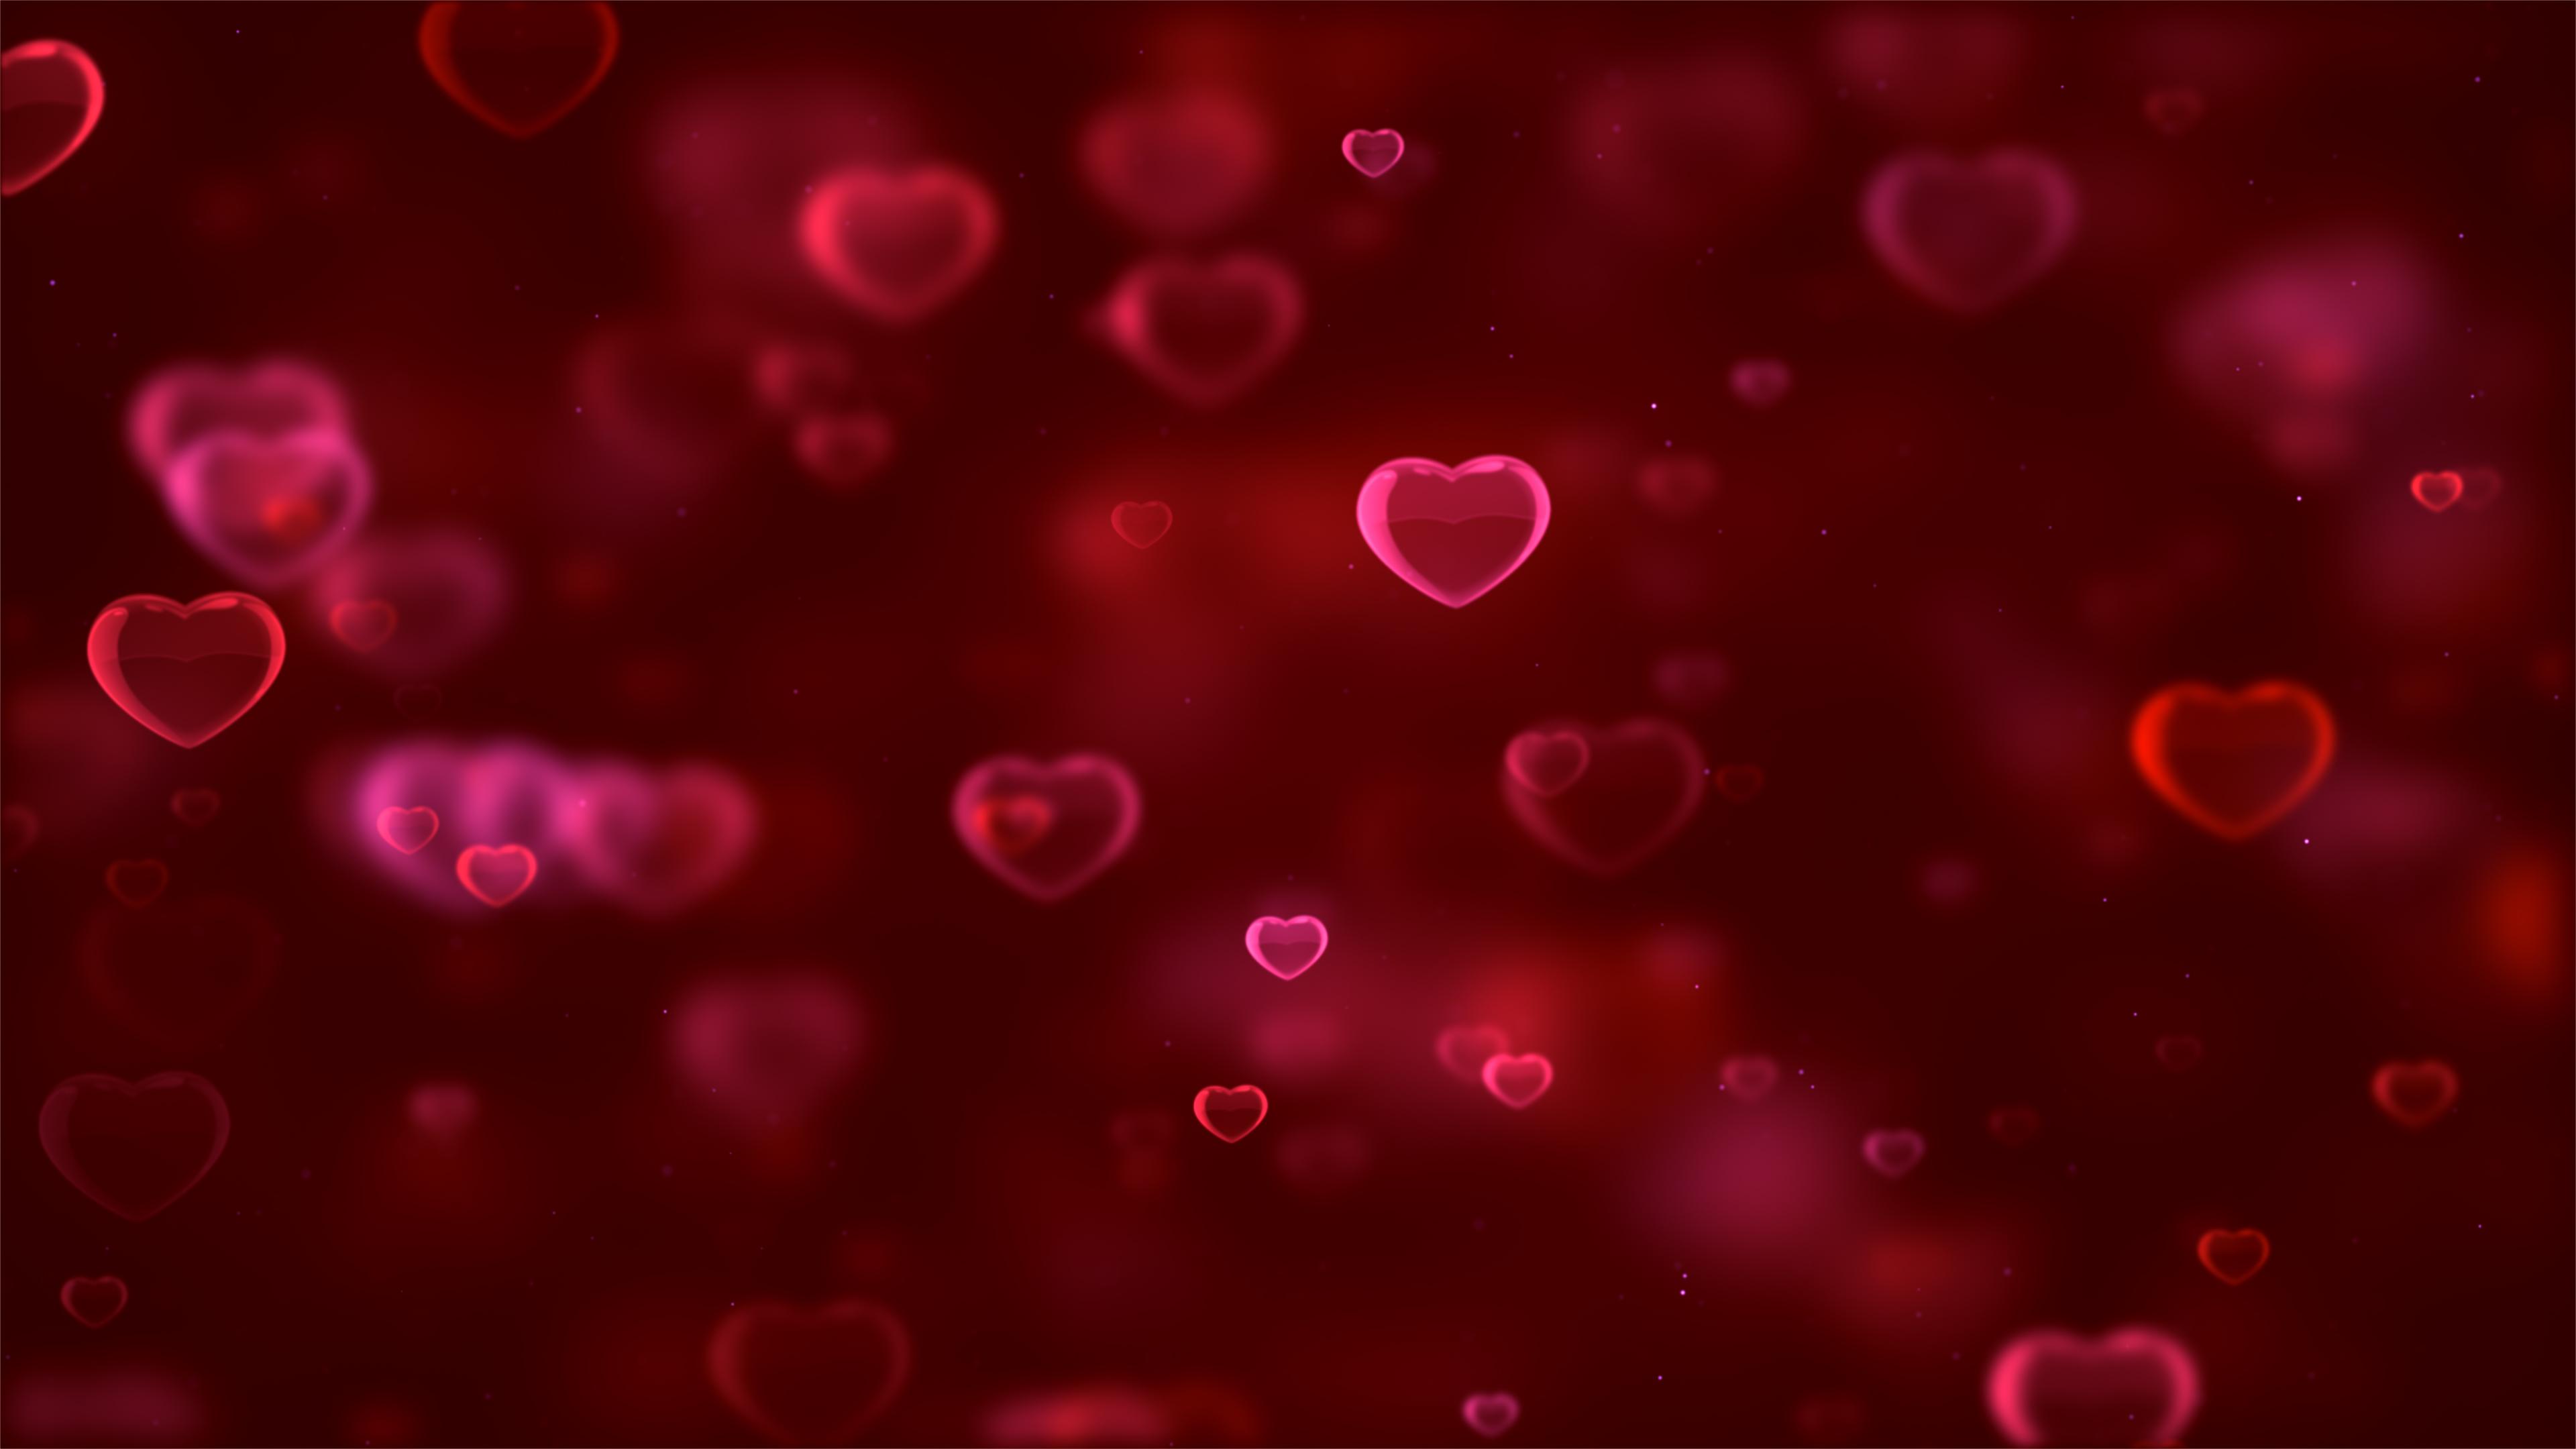 Любовь сердца красный фон обои скачать